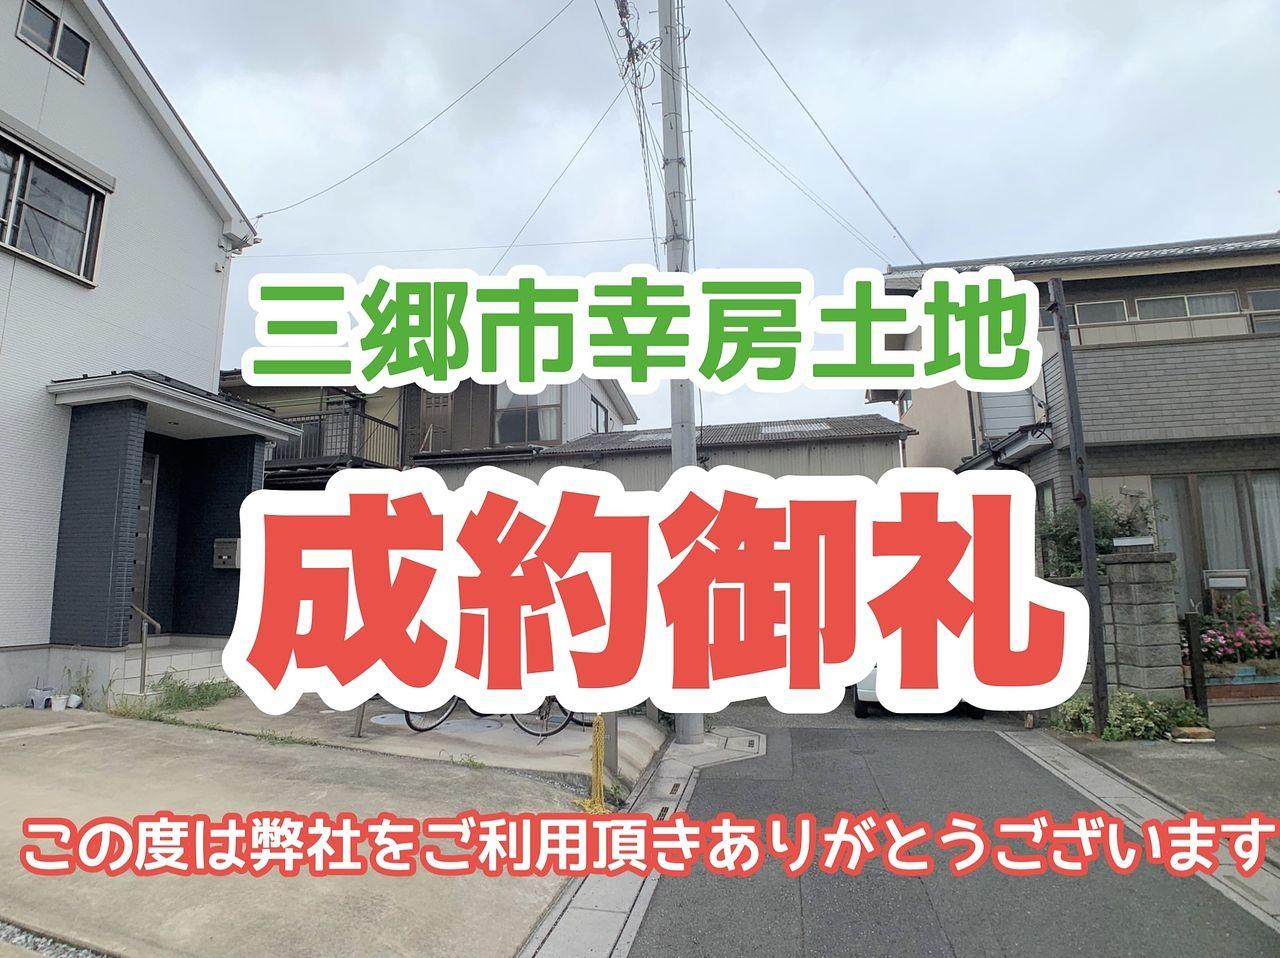 【成約御礼】三郷市幸房土地(M様、この度はありがとうございました。)